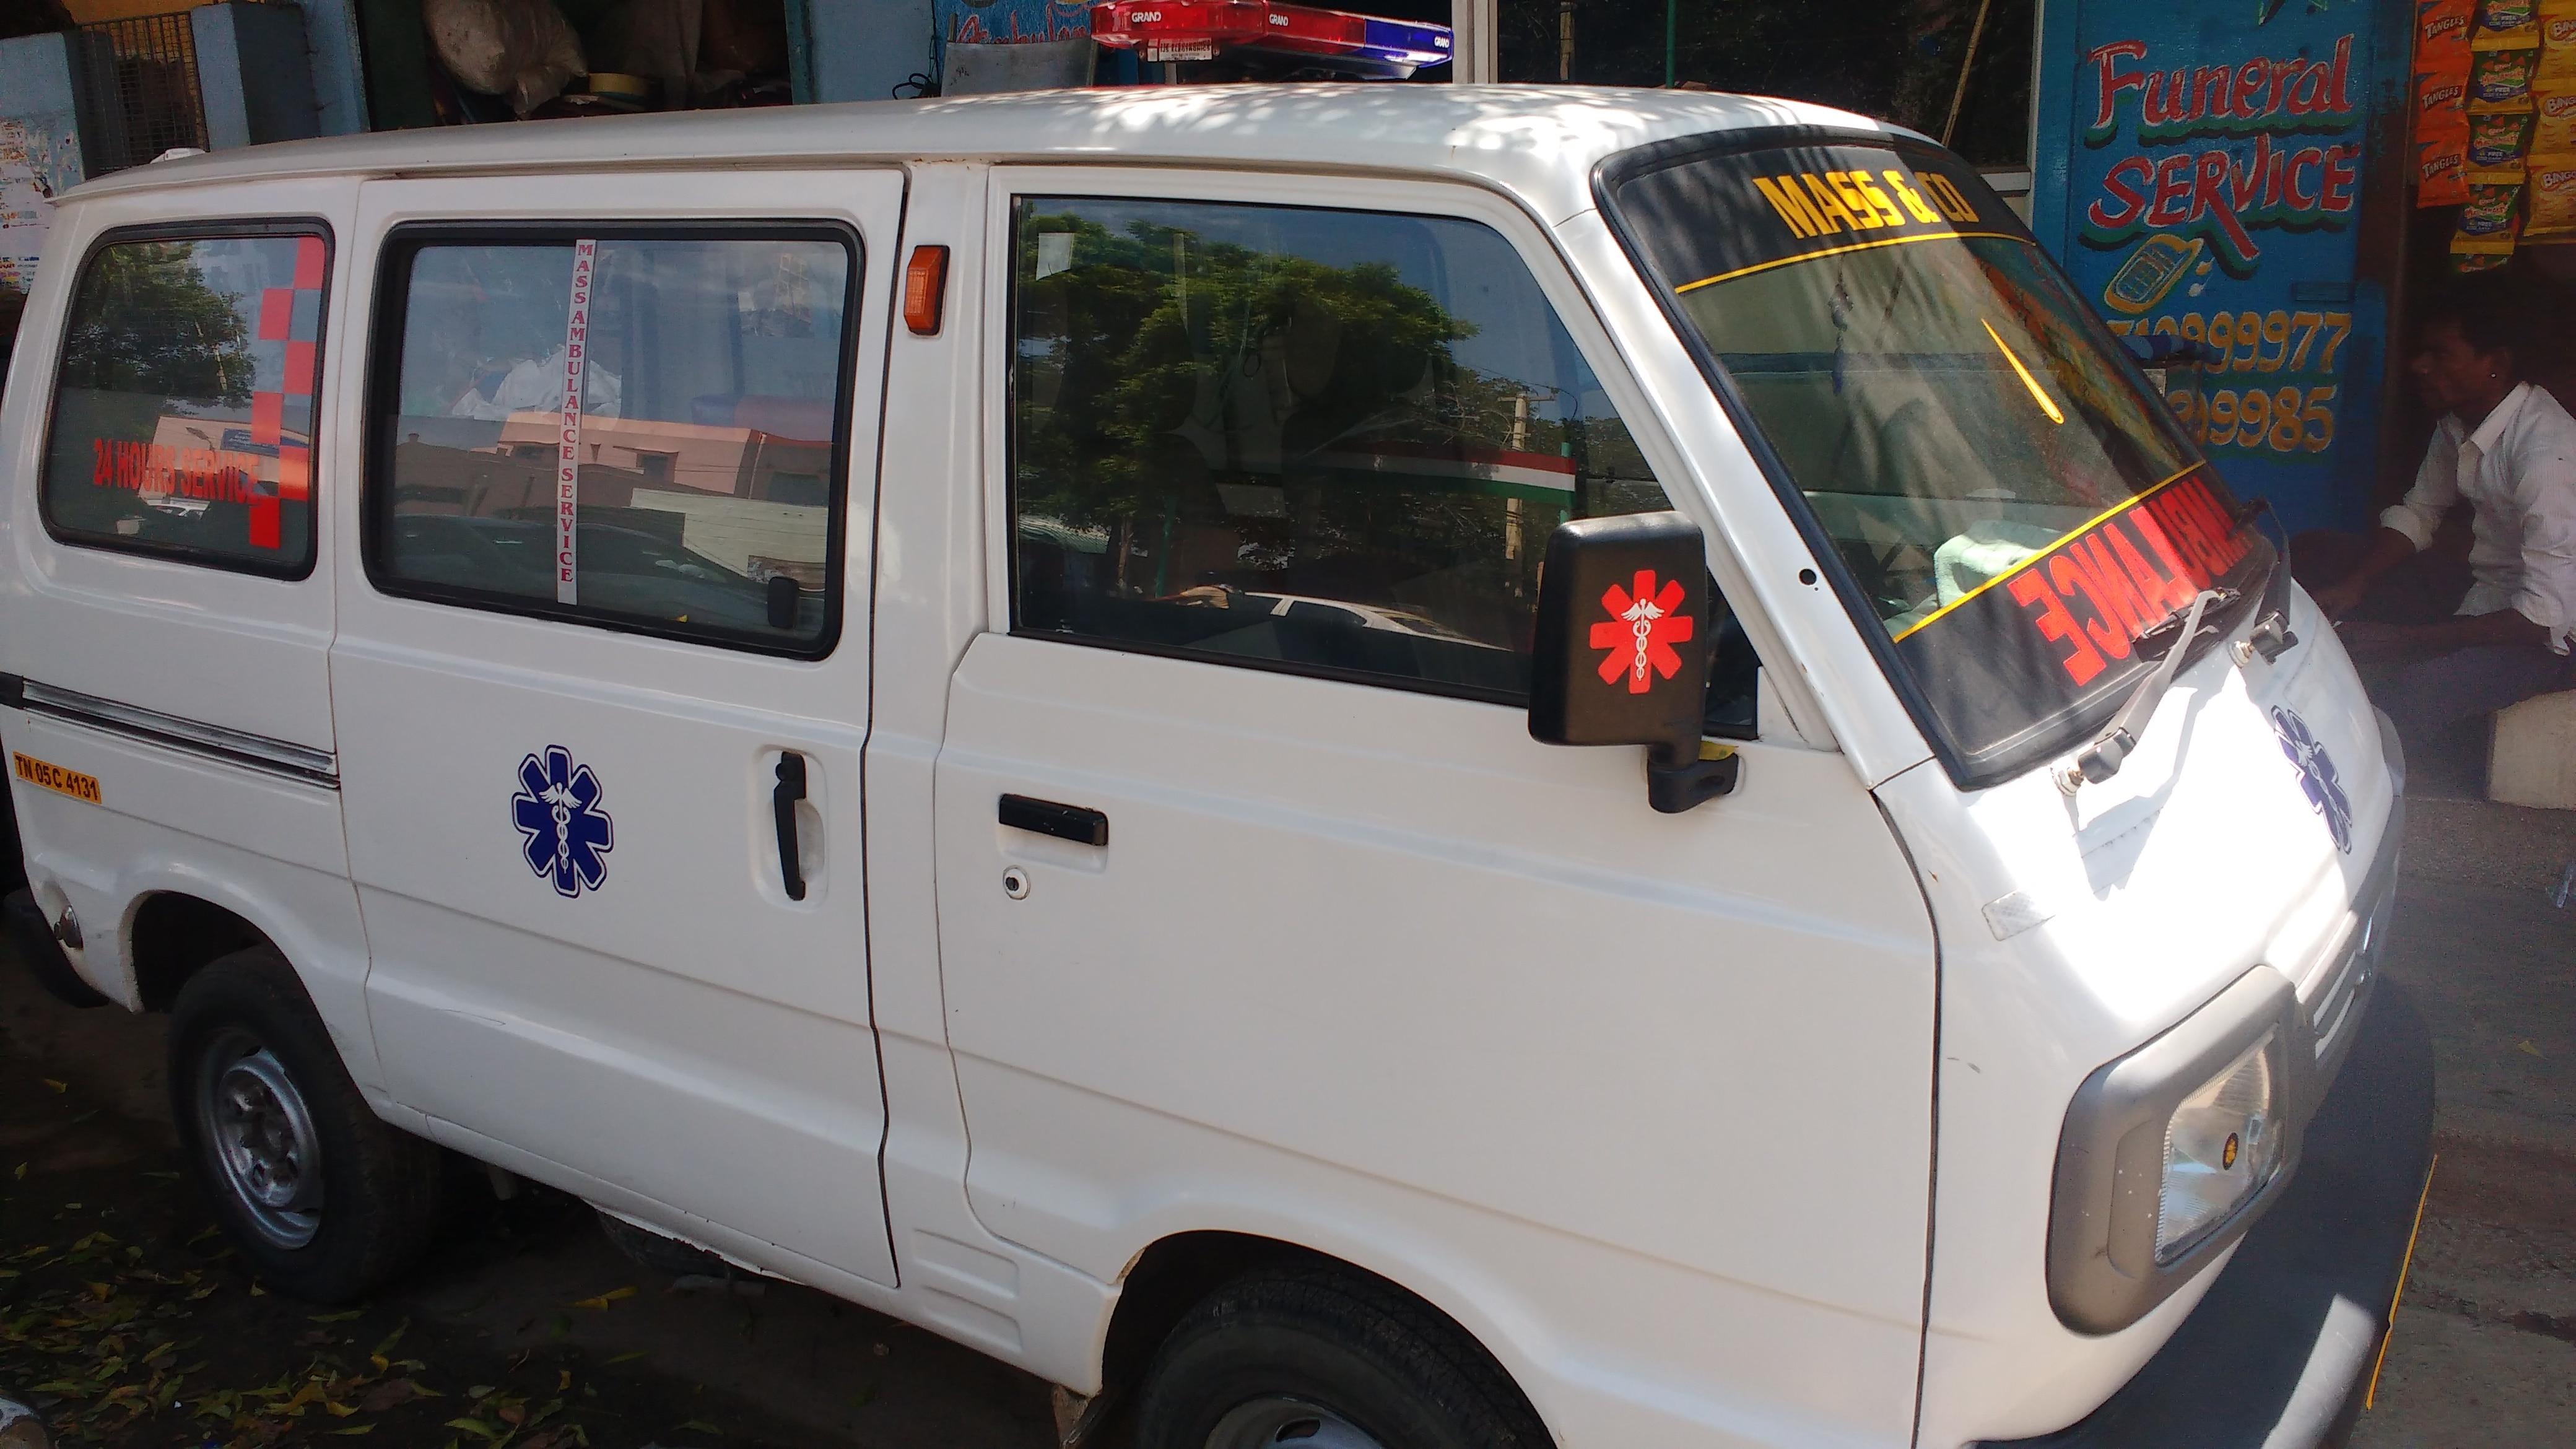 Mass & Co Ambulance Service